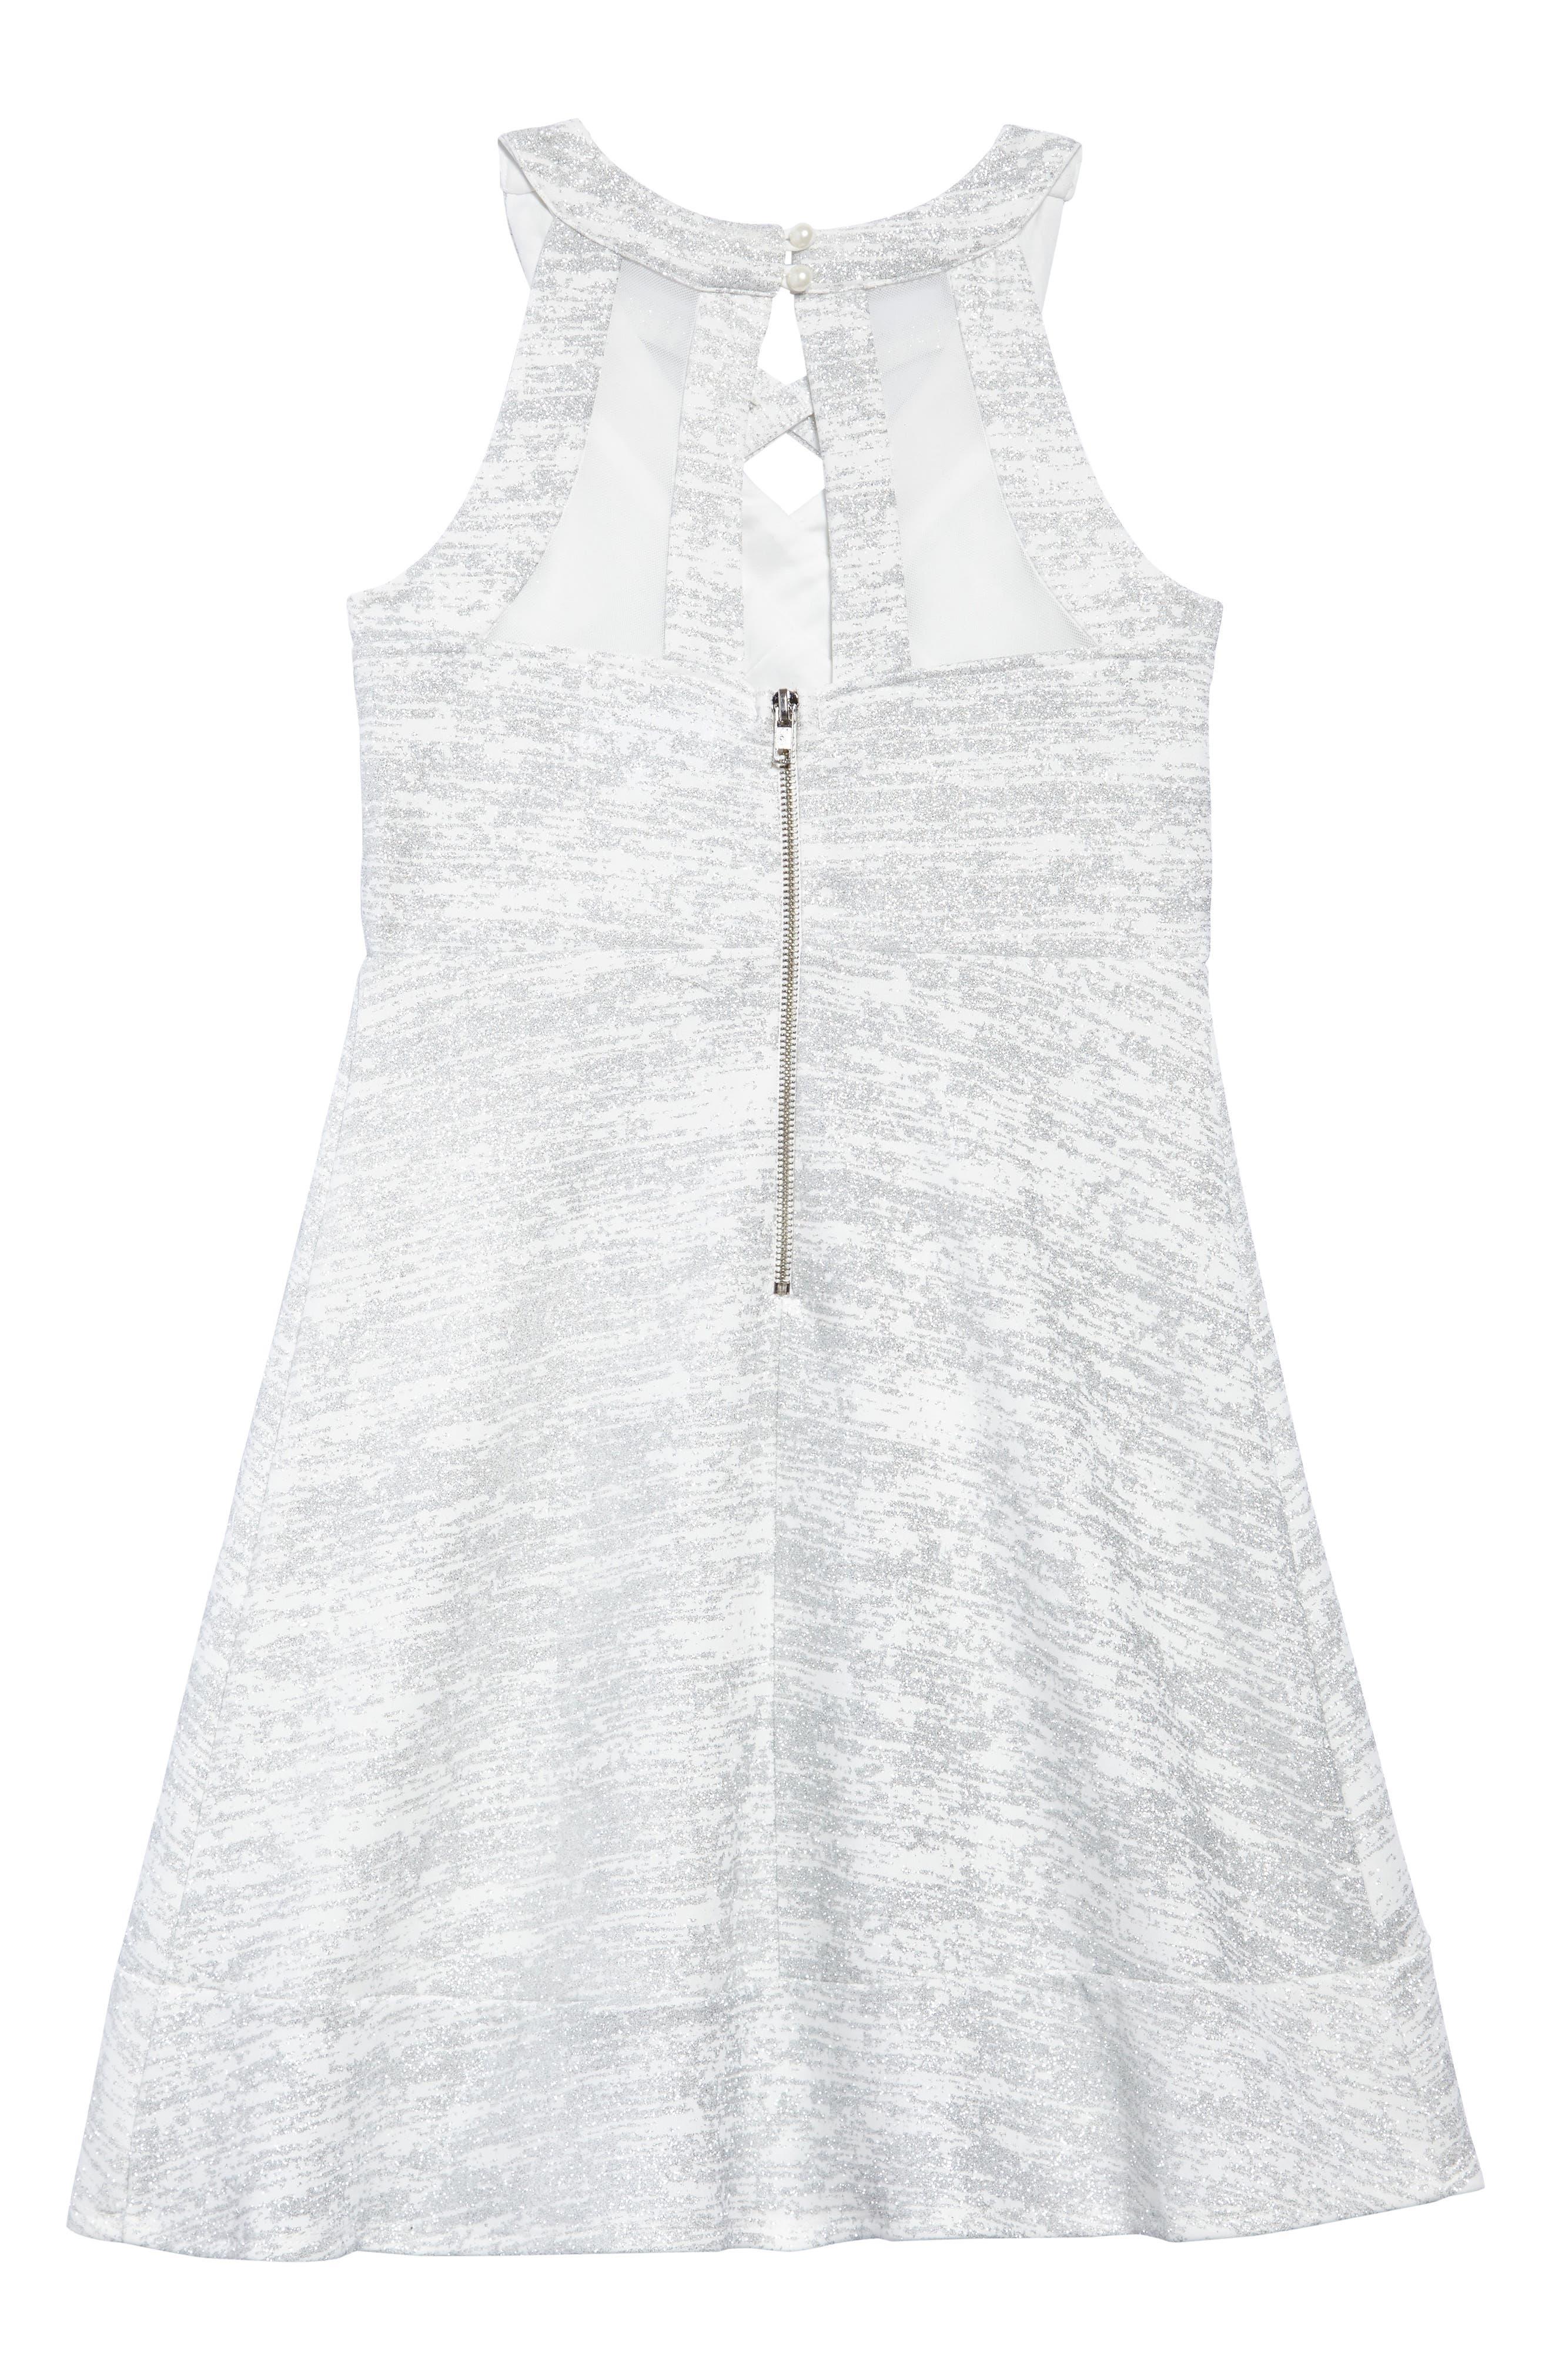 Glitter Scuba Skater Dress,                             Alternate thumbnail 2, color,                             Ivory/ Silver